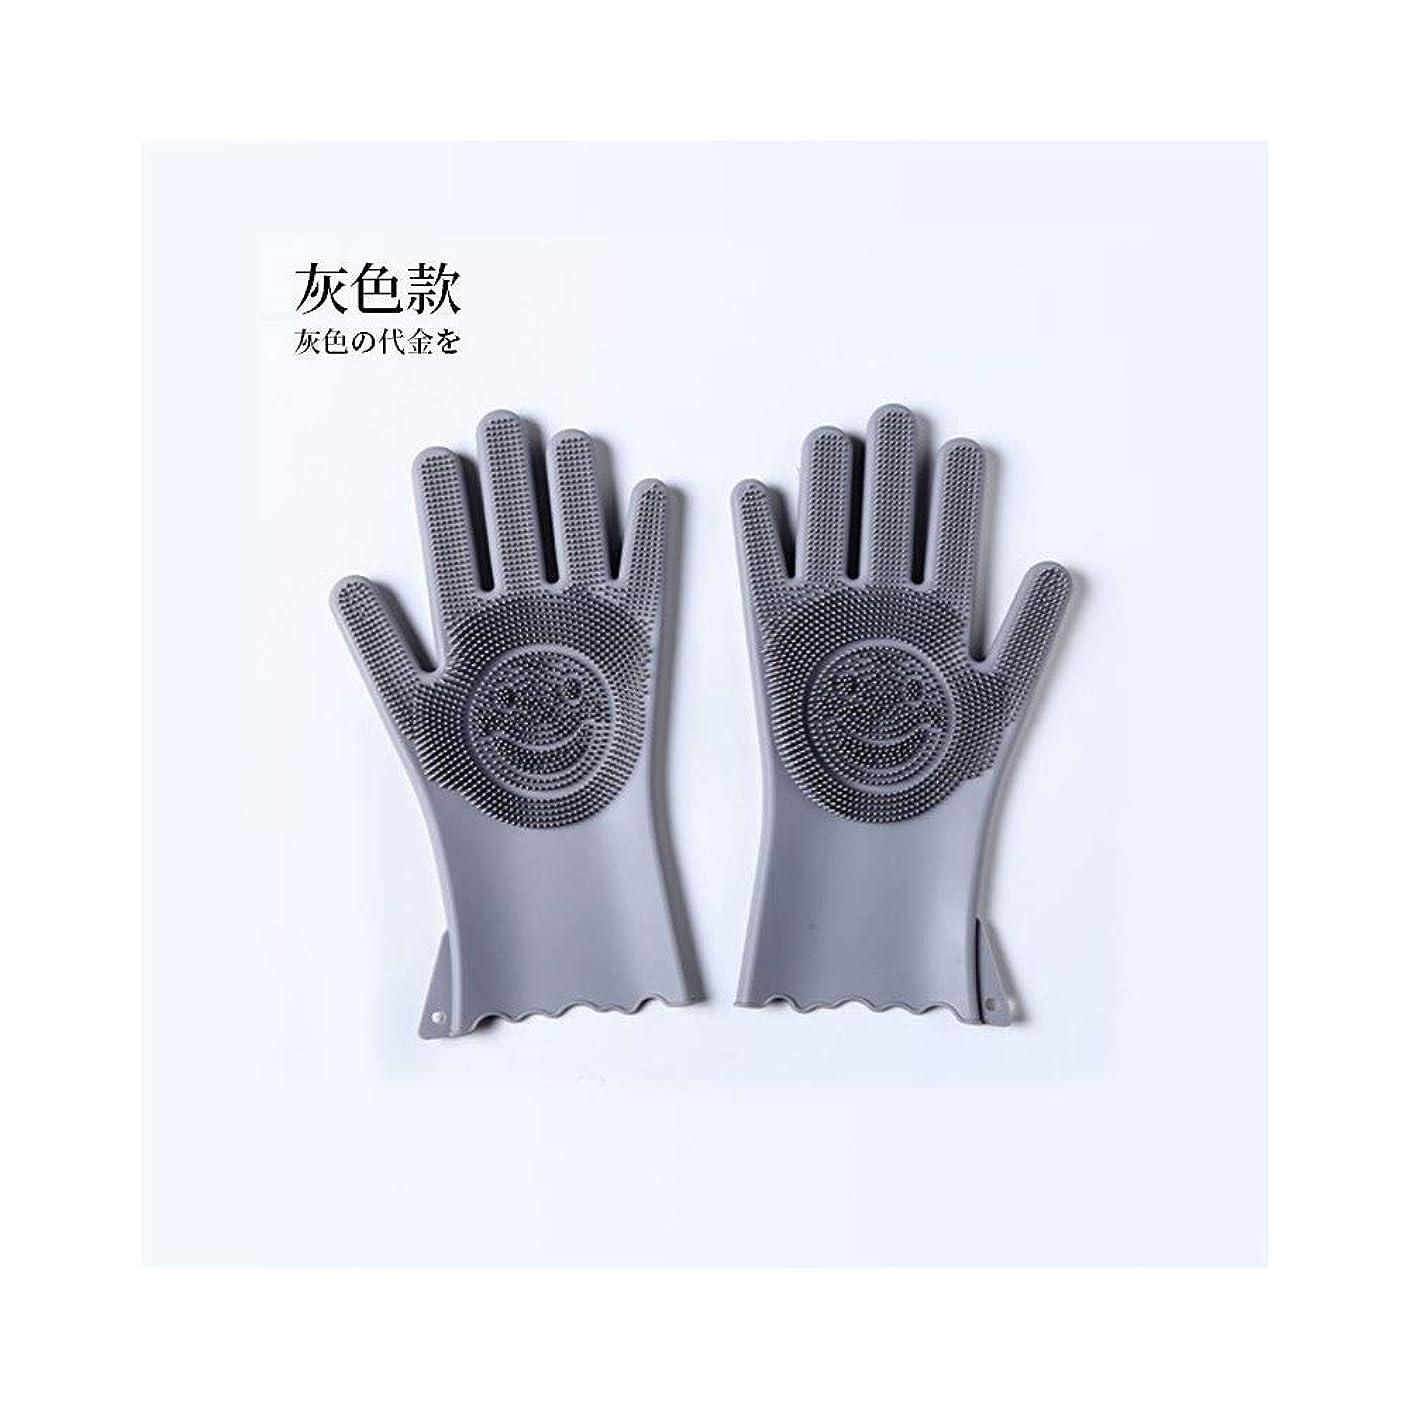 かご背の高い符号BTXXYJP キッチン用手袋 手袋 食器洗い 作業 泡立ち 食器洗い 炊事 掃除 園芸 洗車 防水 手袋 (Color : Gray, Size : M)